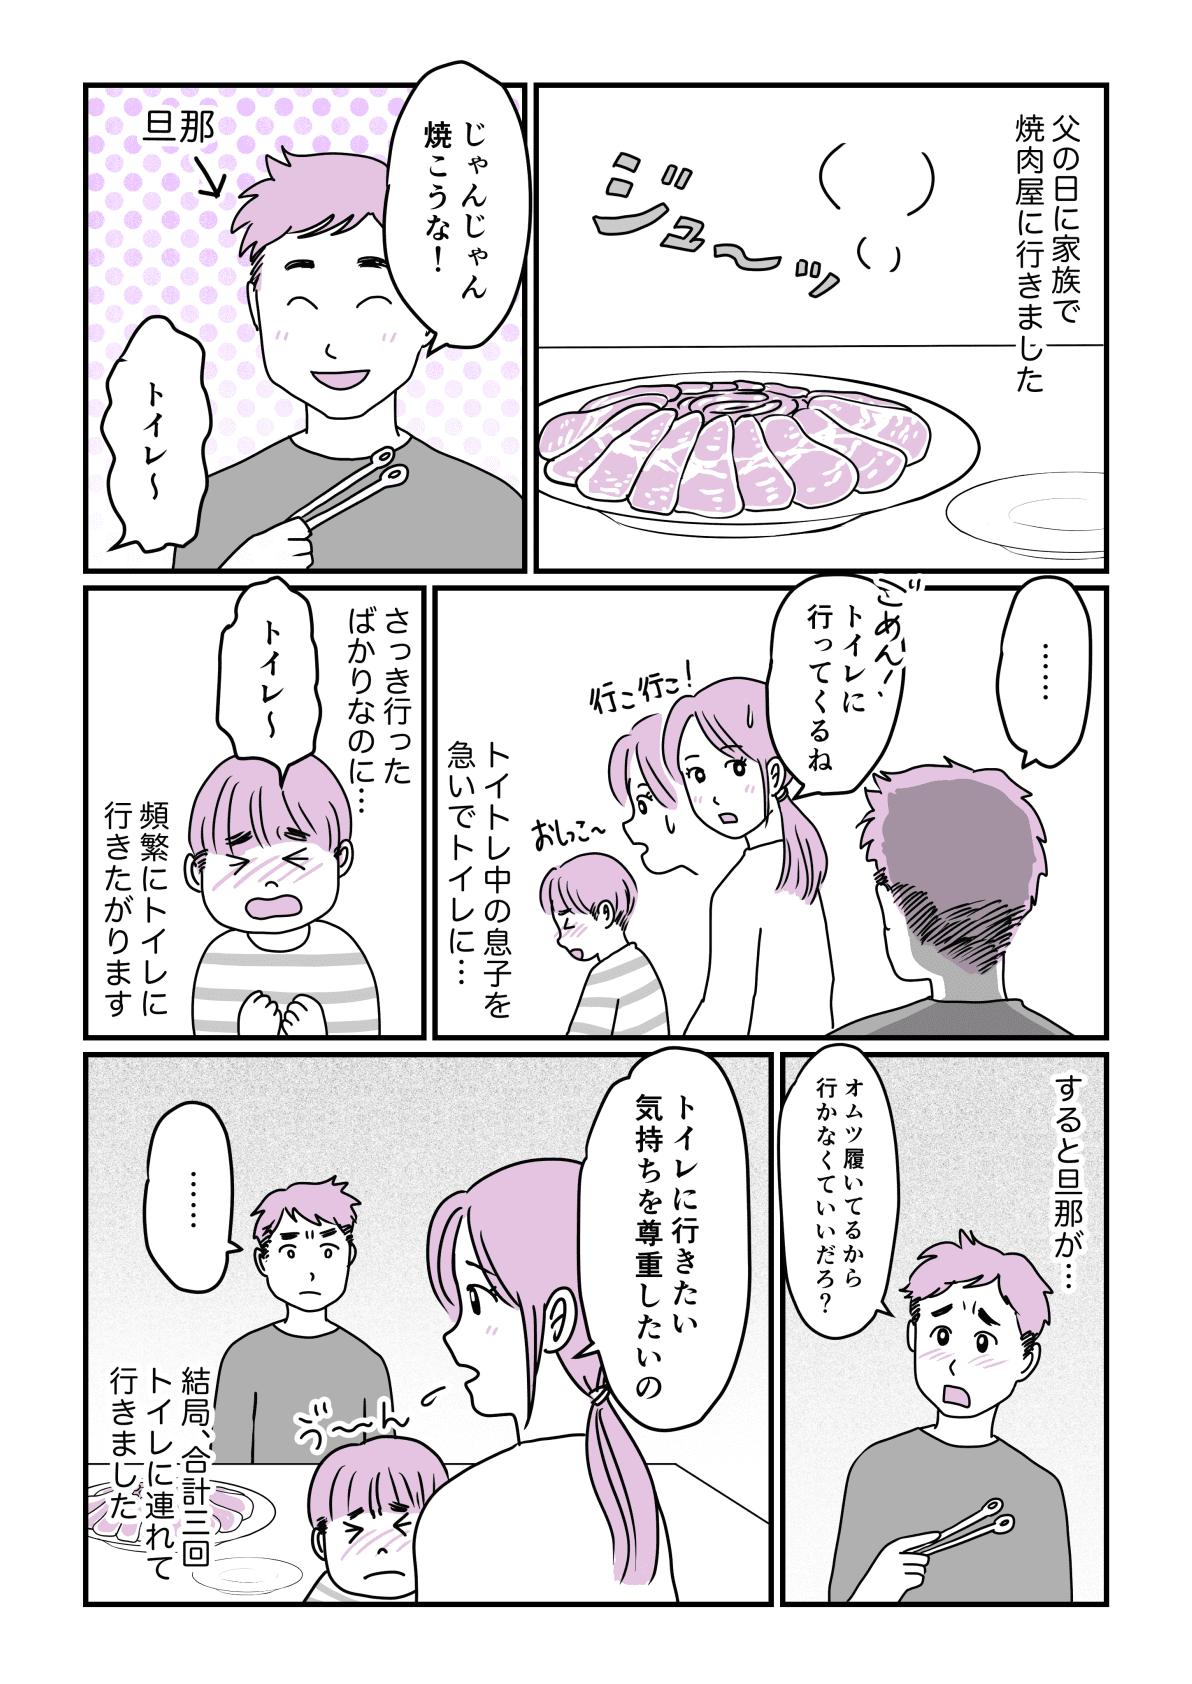 パパとトイレトレ前編1